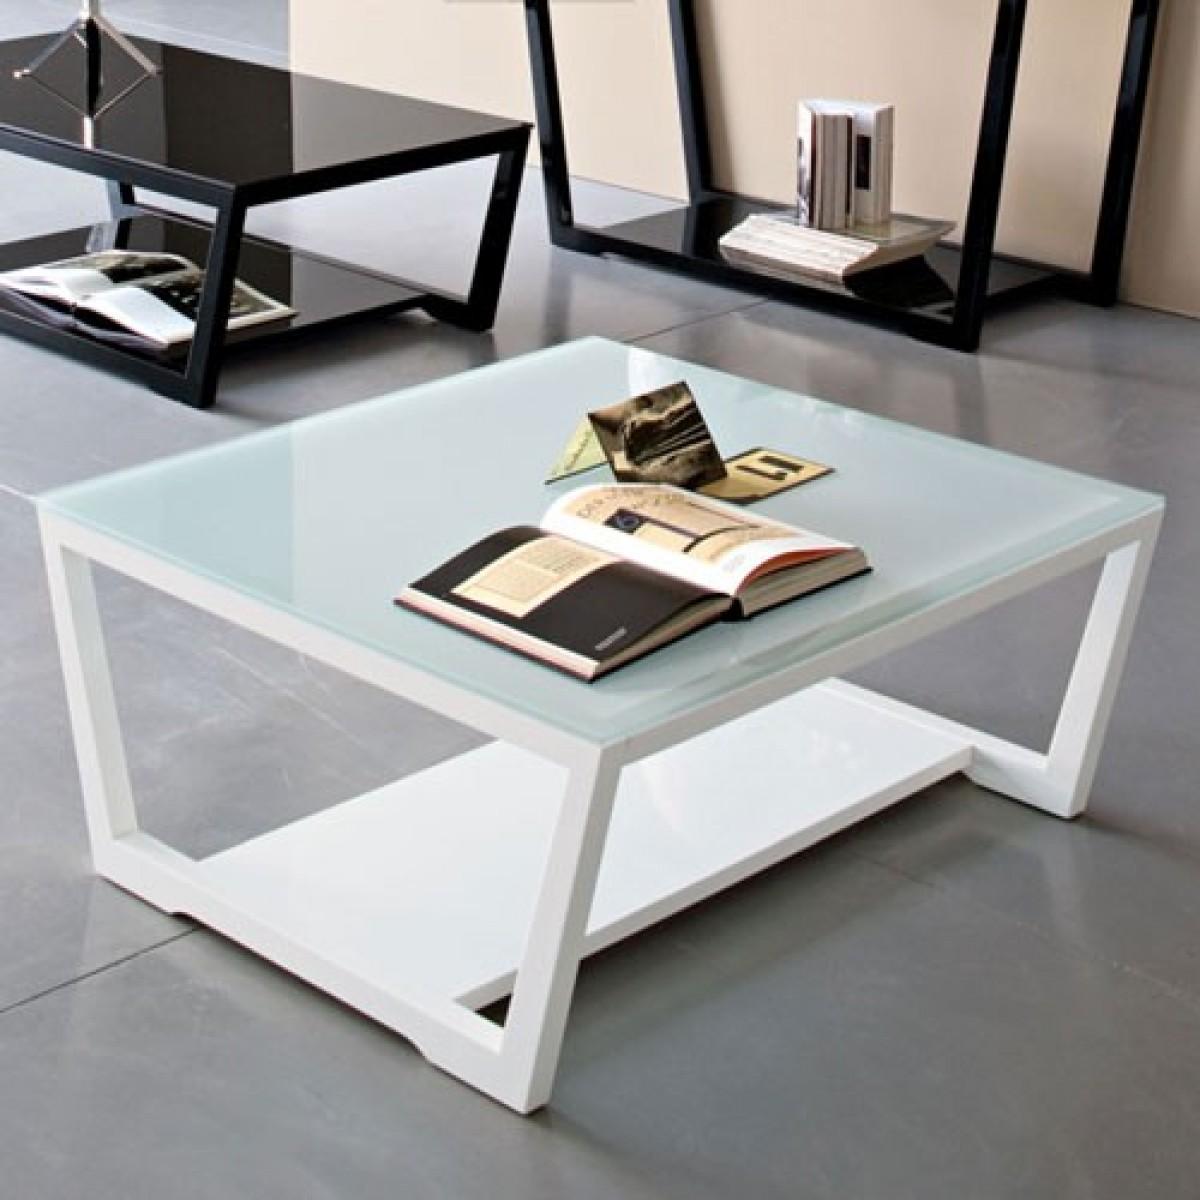 Tavolini Da Salotto Che Si Alzano.Complementi D Arredo Gruppo Gradi